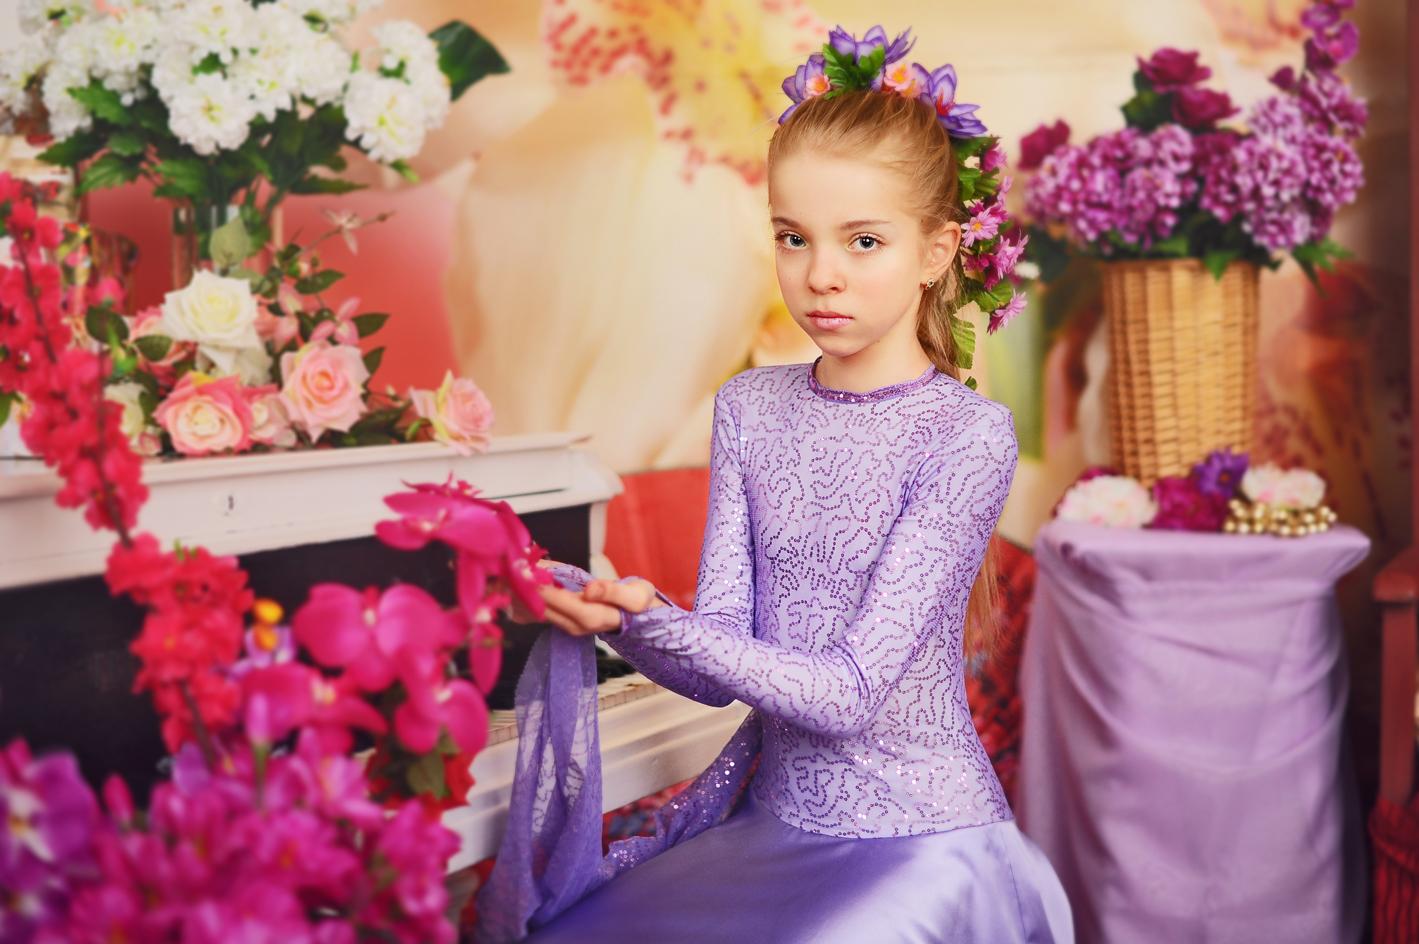 Фото девушек в студии с цветами